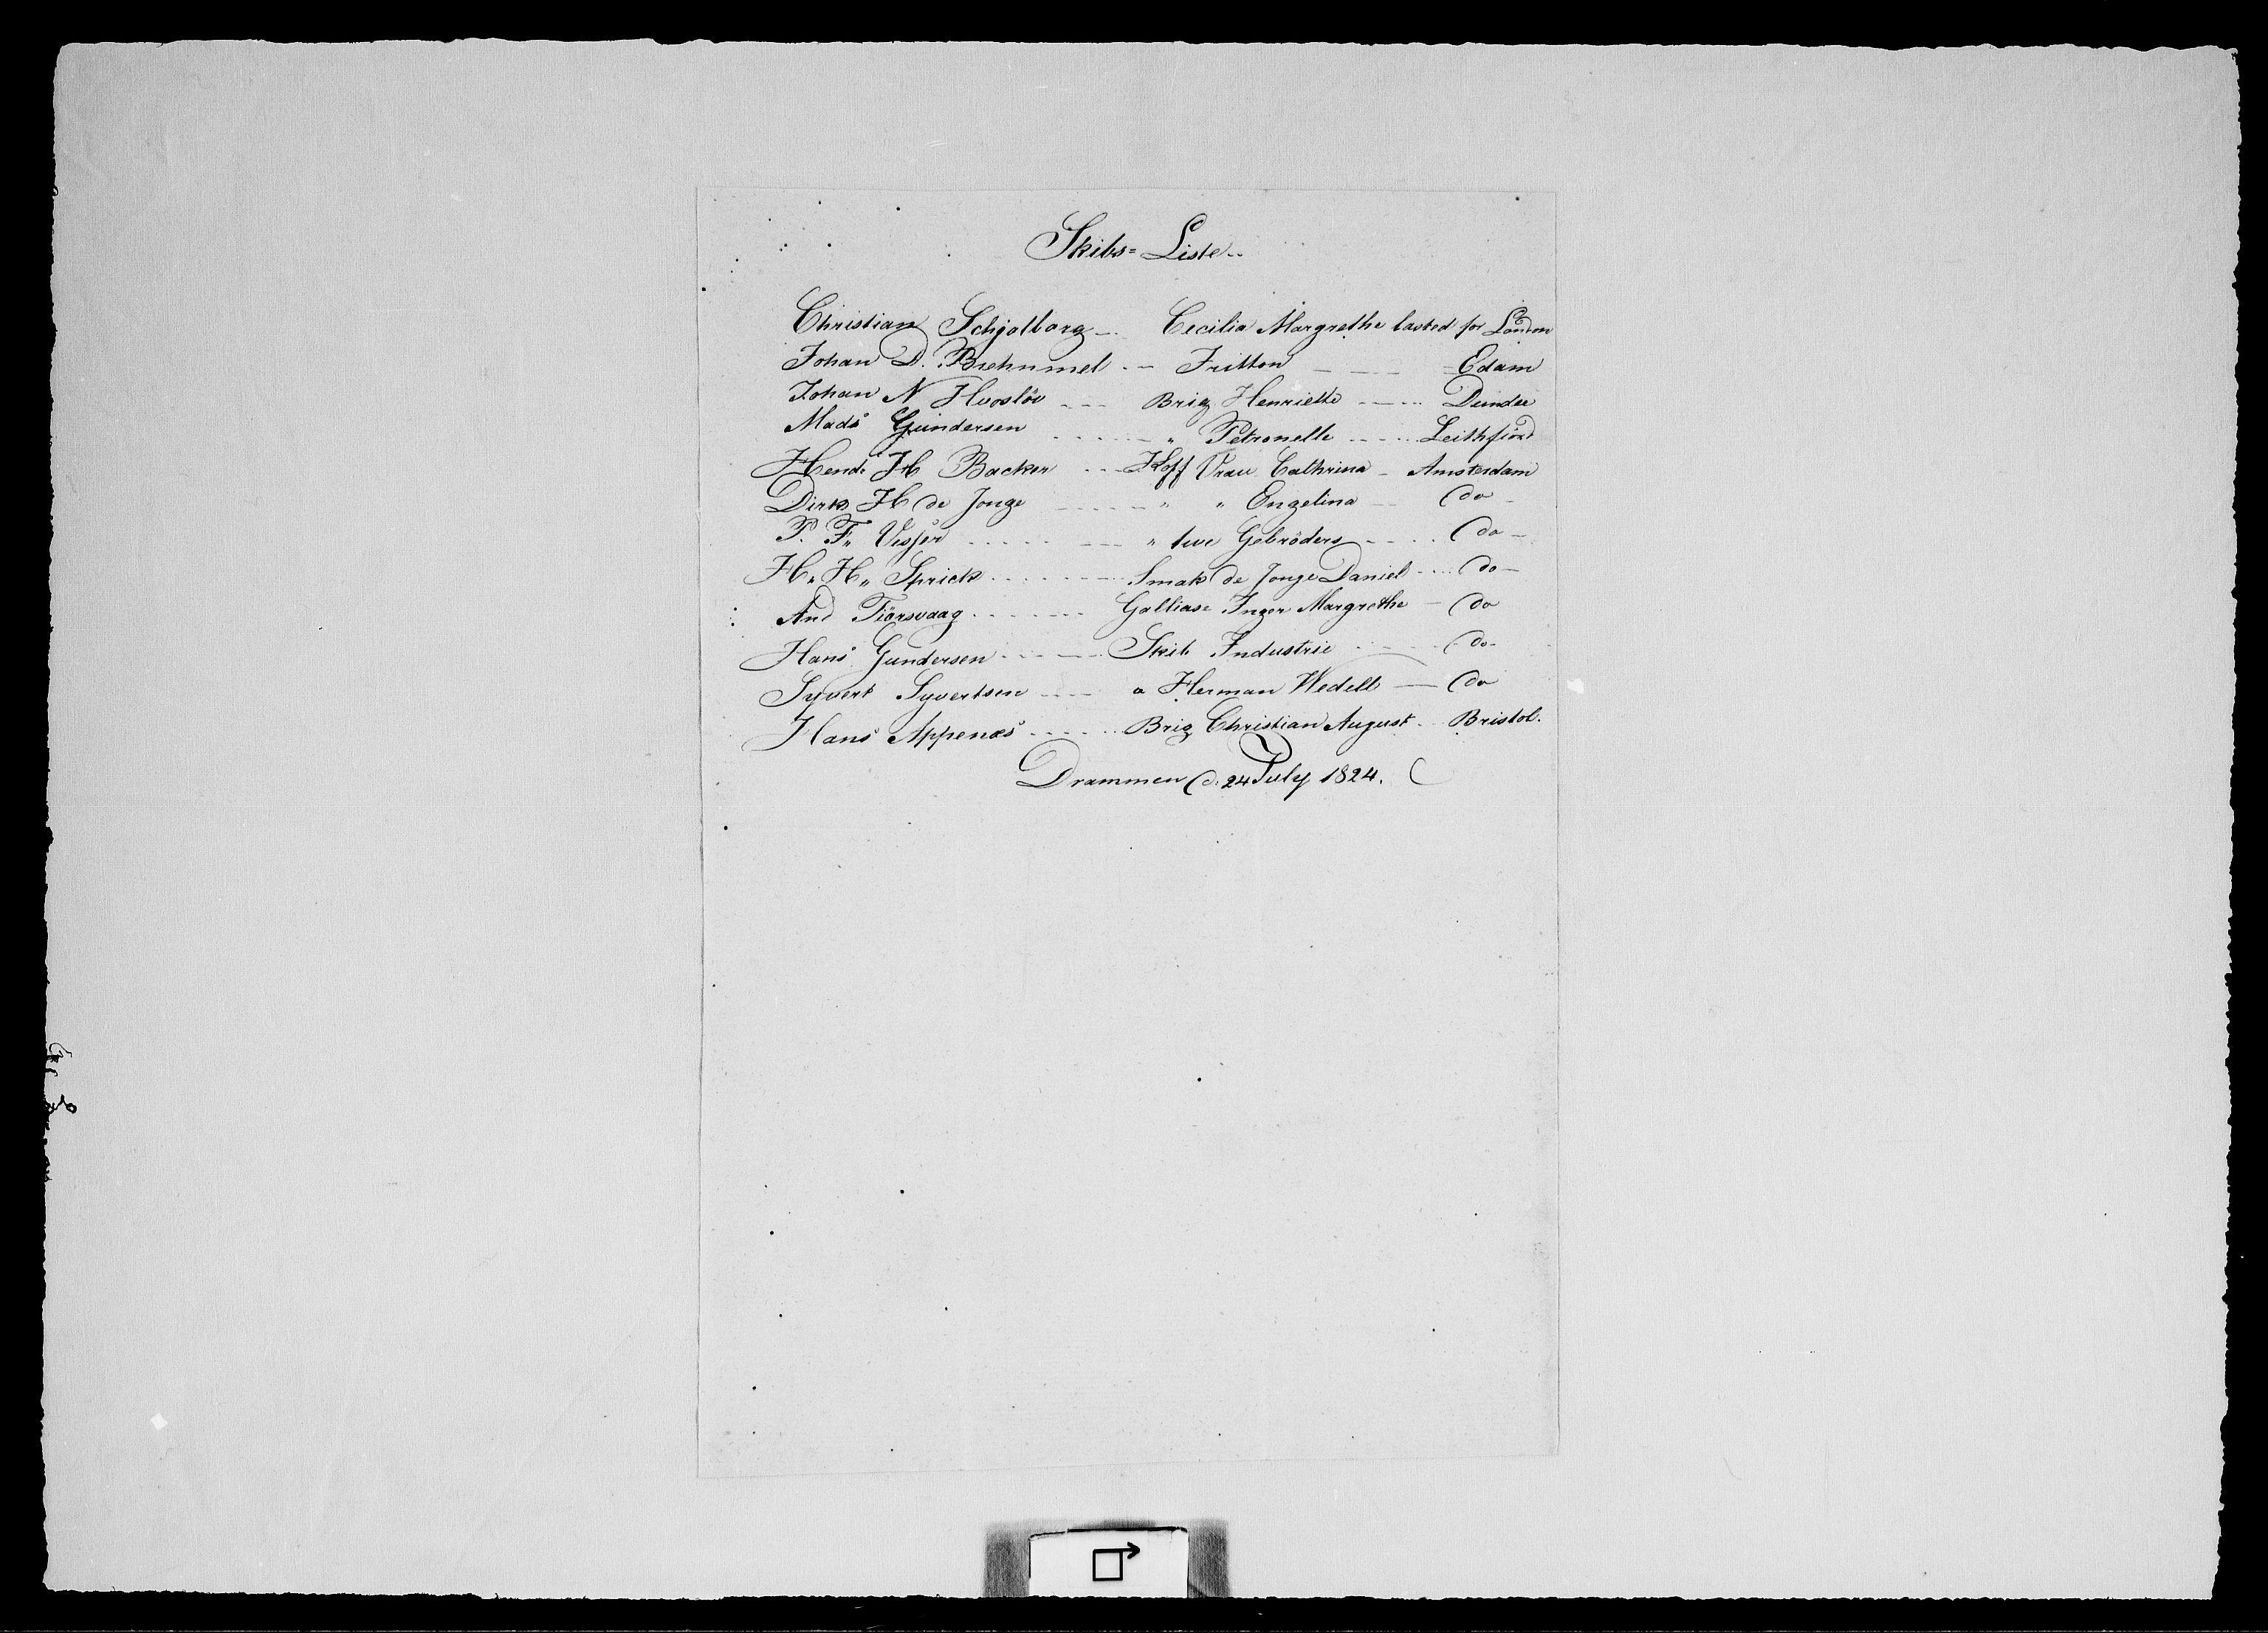 RA, Modums Blaafarveværk, G/Ge/L0314, 1824-1848, s. 2